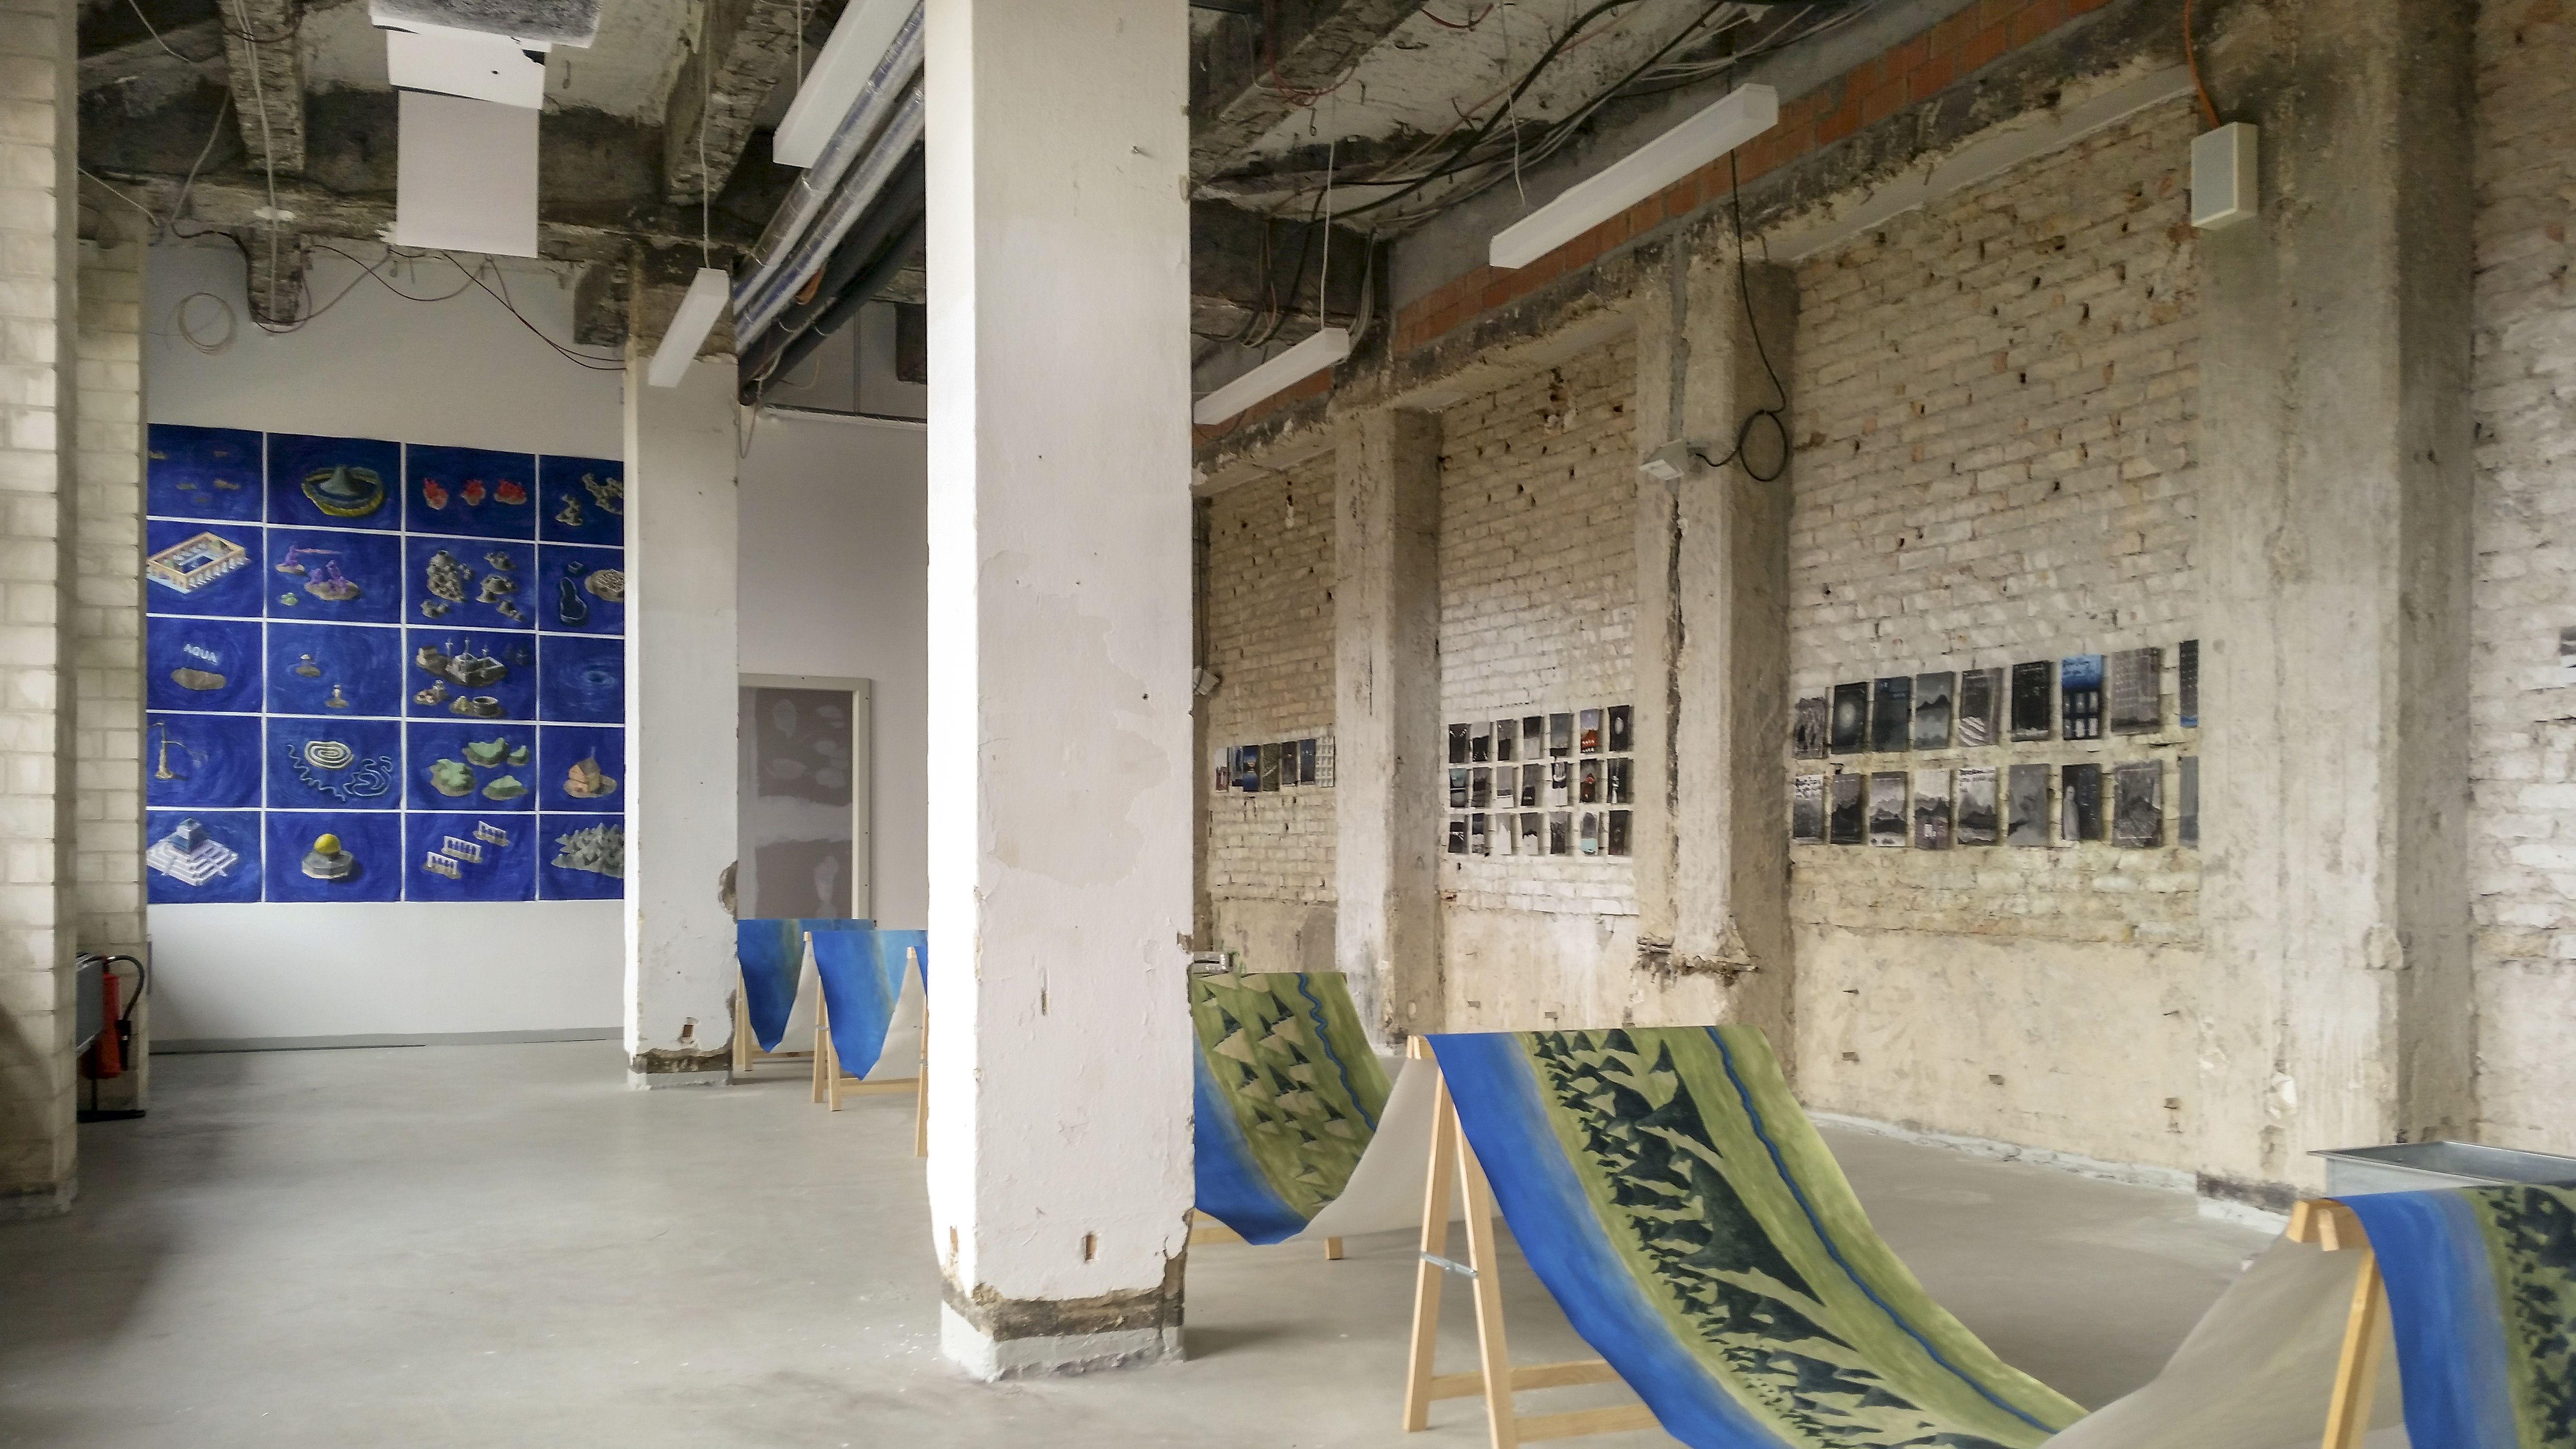 Impression des Residence-Studios mit Arbeiten von Walter Yu © Peter Drimal